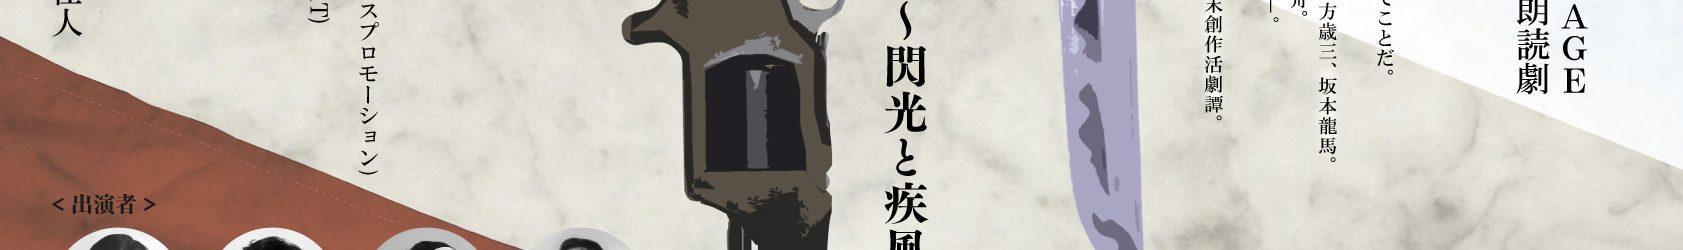 9月4日(土)新作朗読劇有観客中止と配信のお知らせ